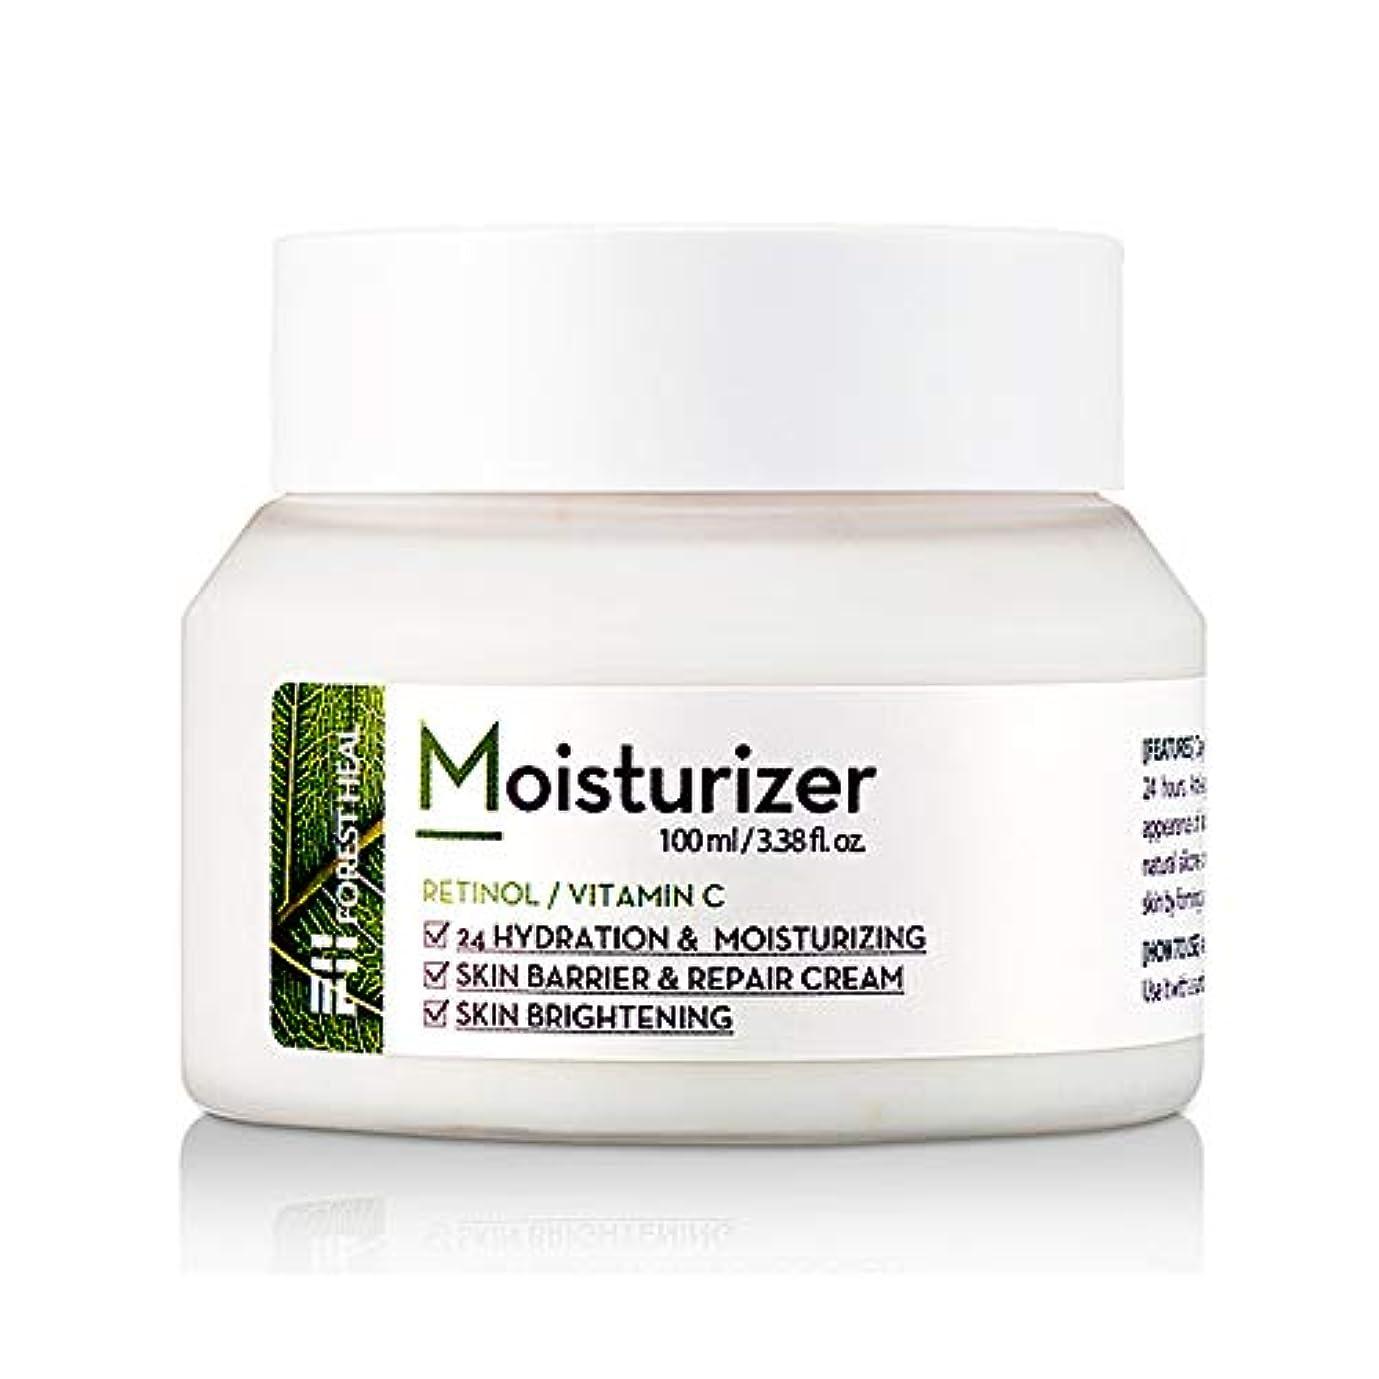 上院以下ぐったりフォレストヒール モイストライザークリーム FOREST HEAL Moisturizer 乳液 クリーム 肌に優しい オーガニック すべすべ肌 トラブル肌 敏感肌 うるおい肌 水分ケア